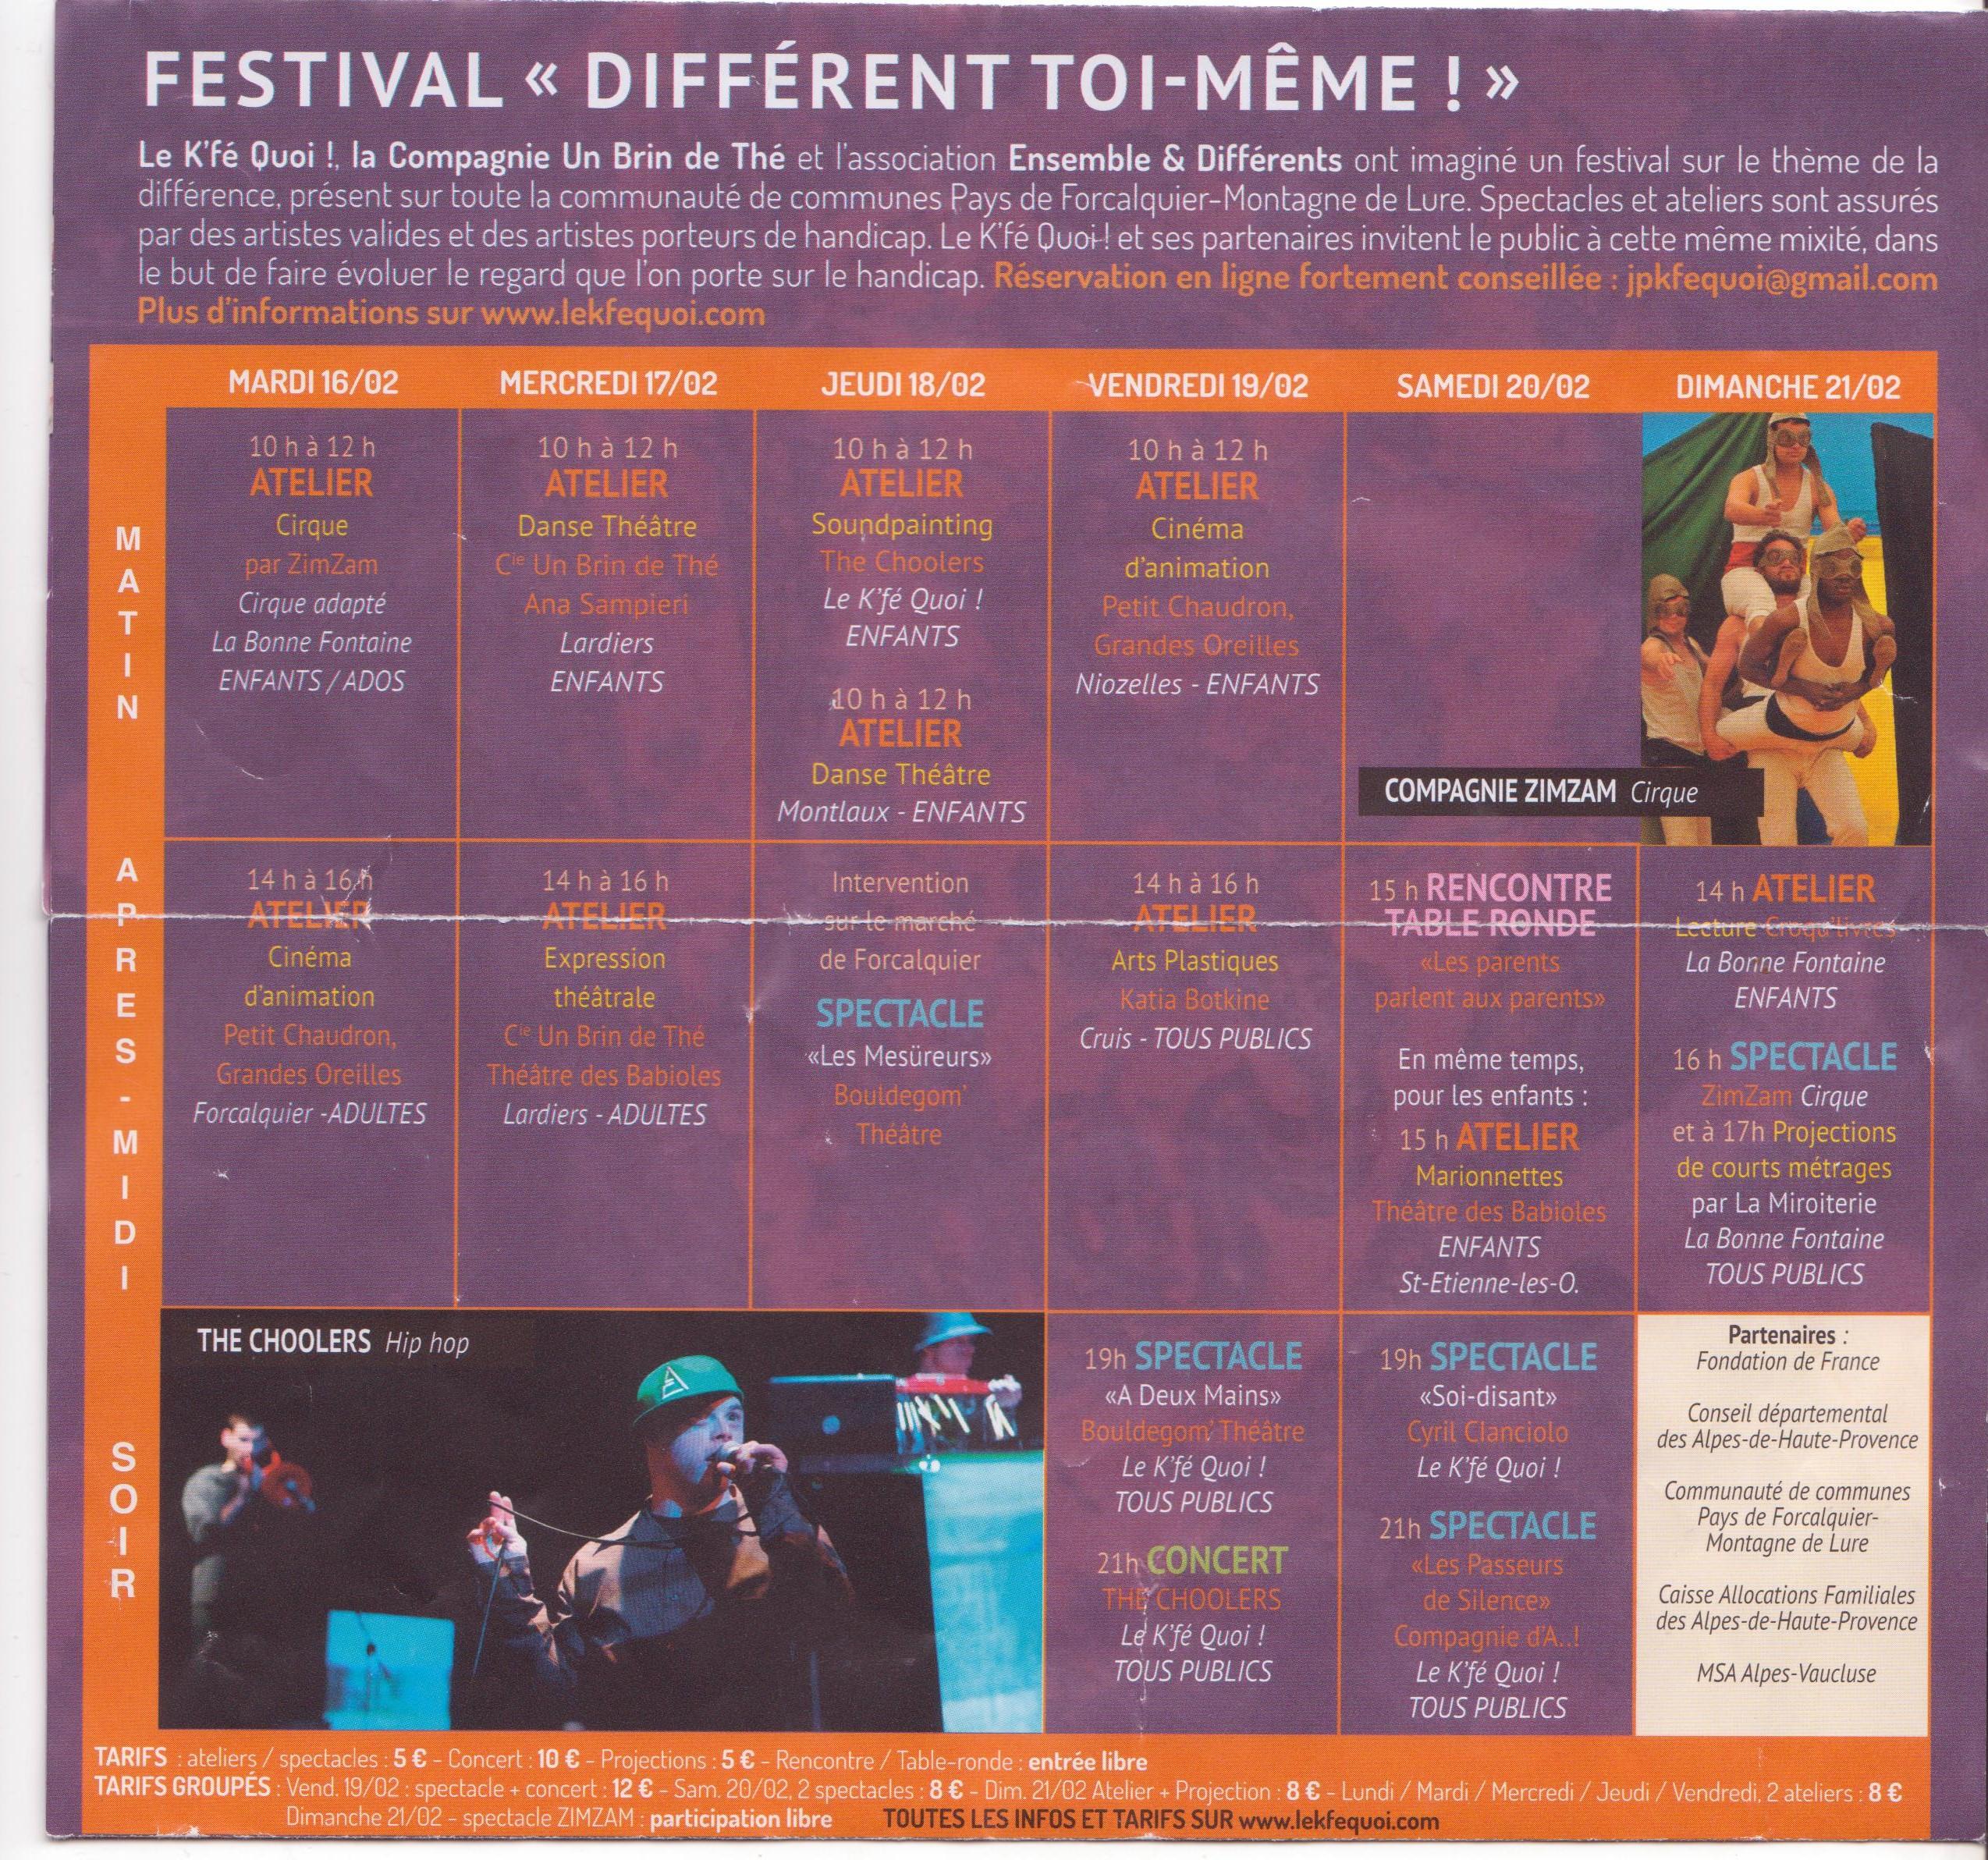 Le Festival « Différent toi-même » s'ouvre aujourd'hui au Kfé Quoi